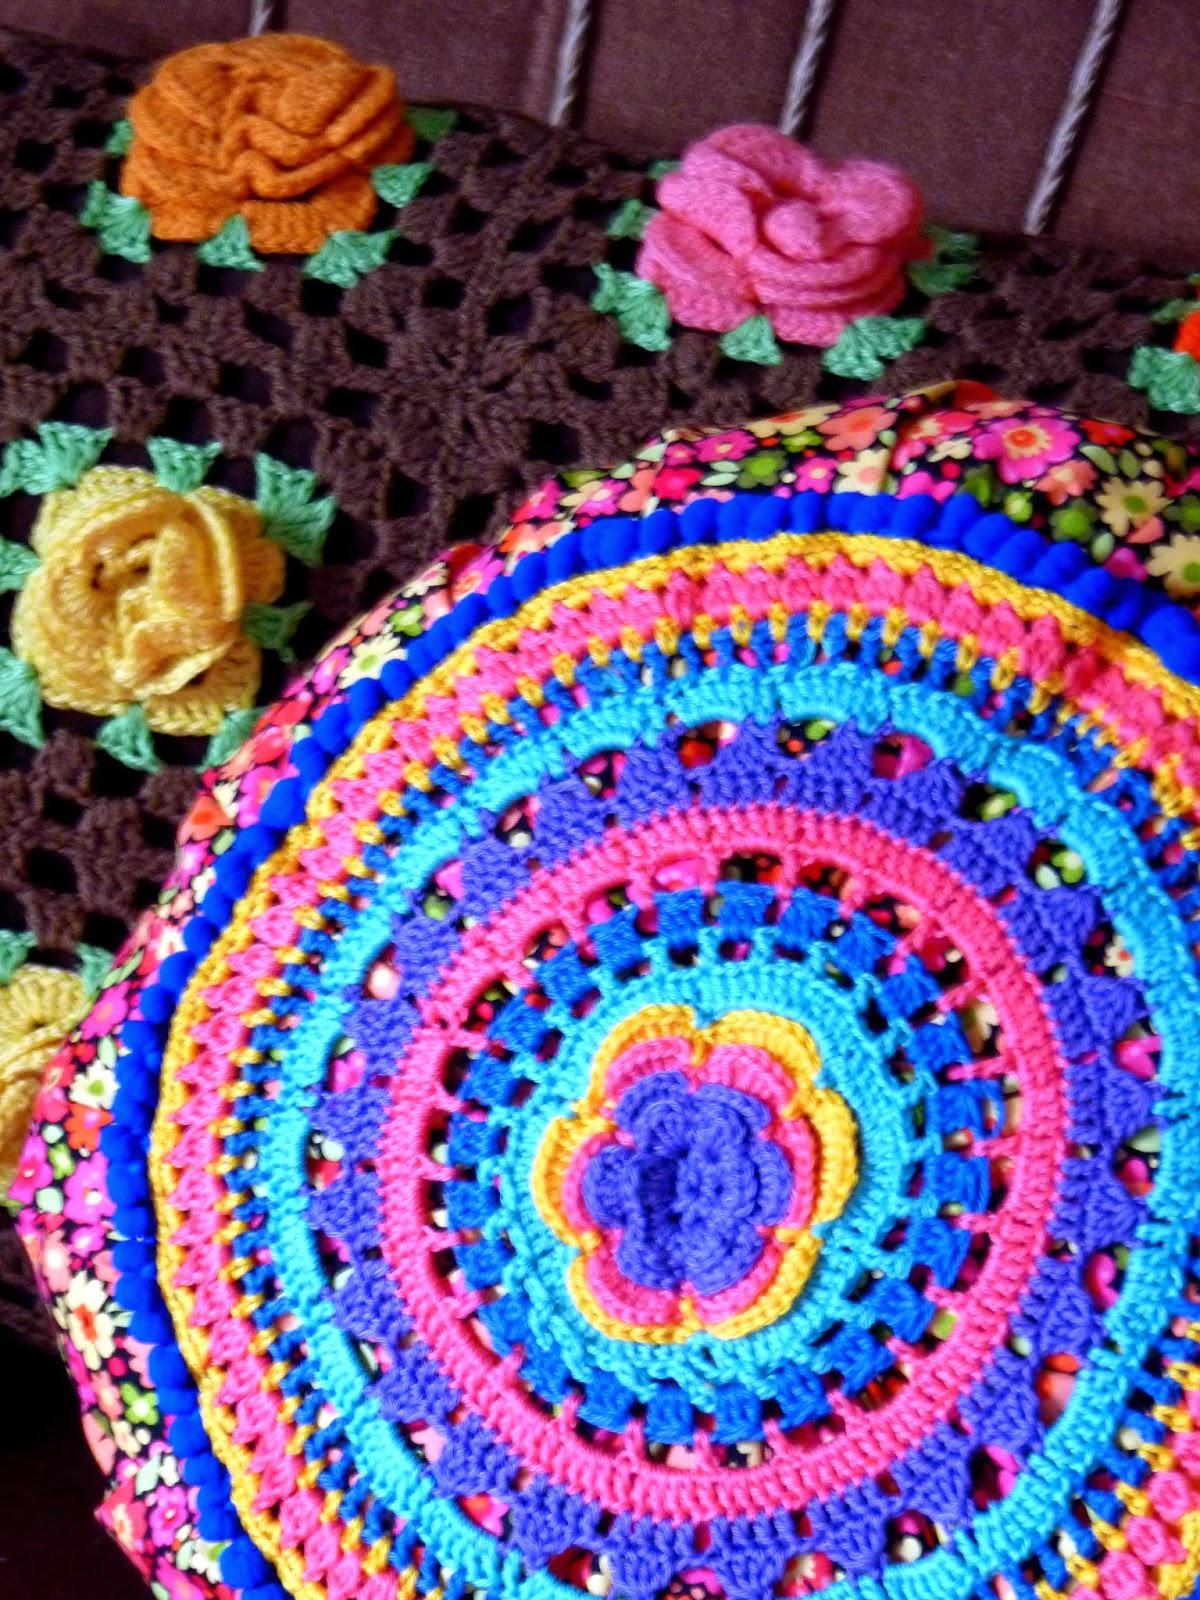 Grand Napperon Au Crochet dedans au bonheur des mains: crochet bohème #2 le coussin rond